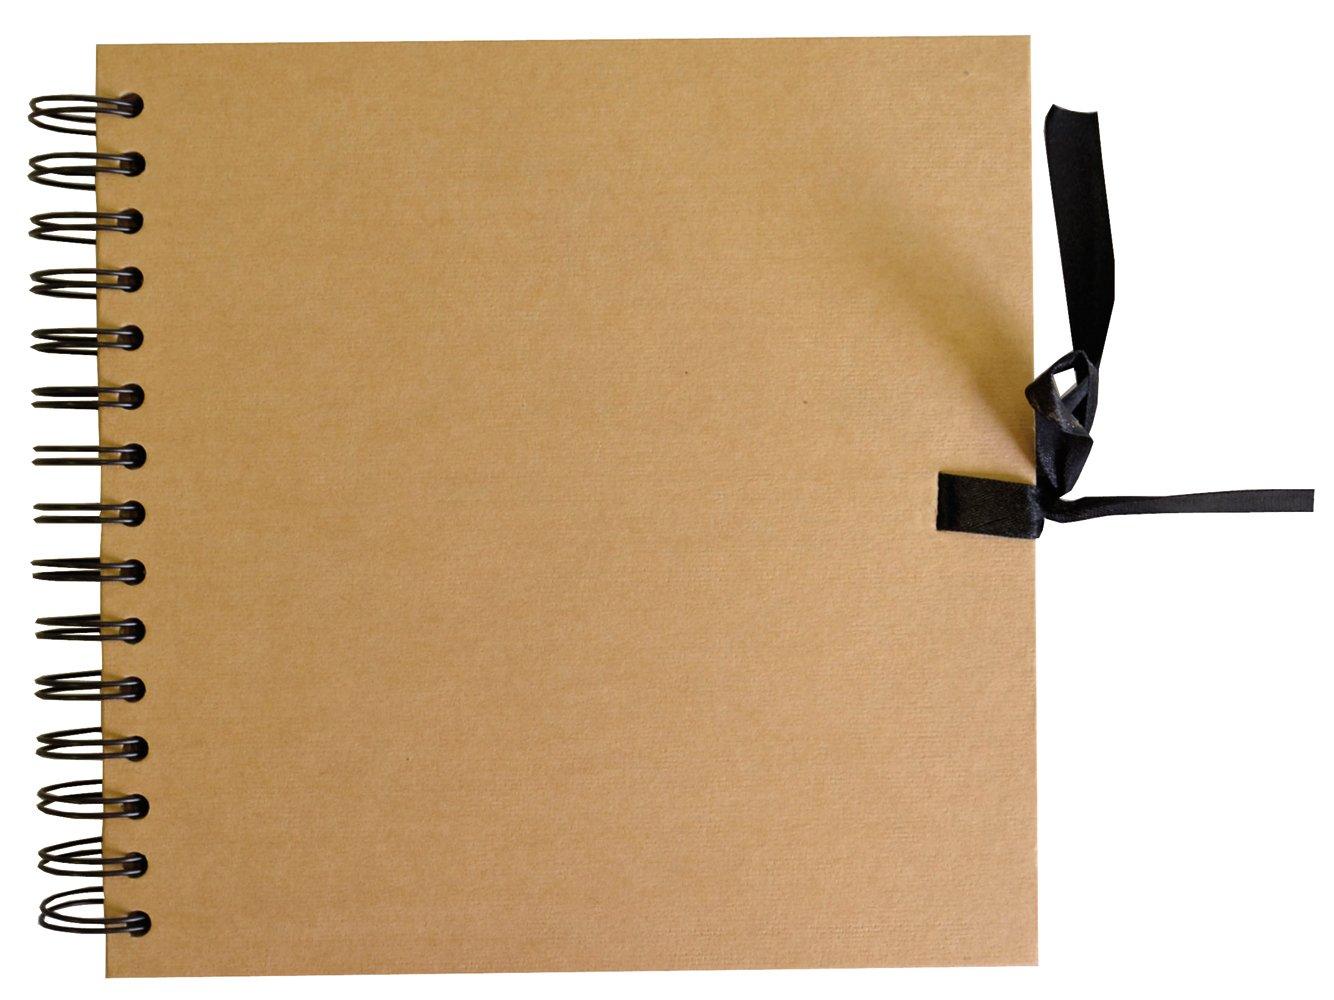 Artemio - Álbum de recortes (en espiral, 30 x 30 cm), color beige 11010014